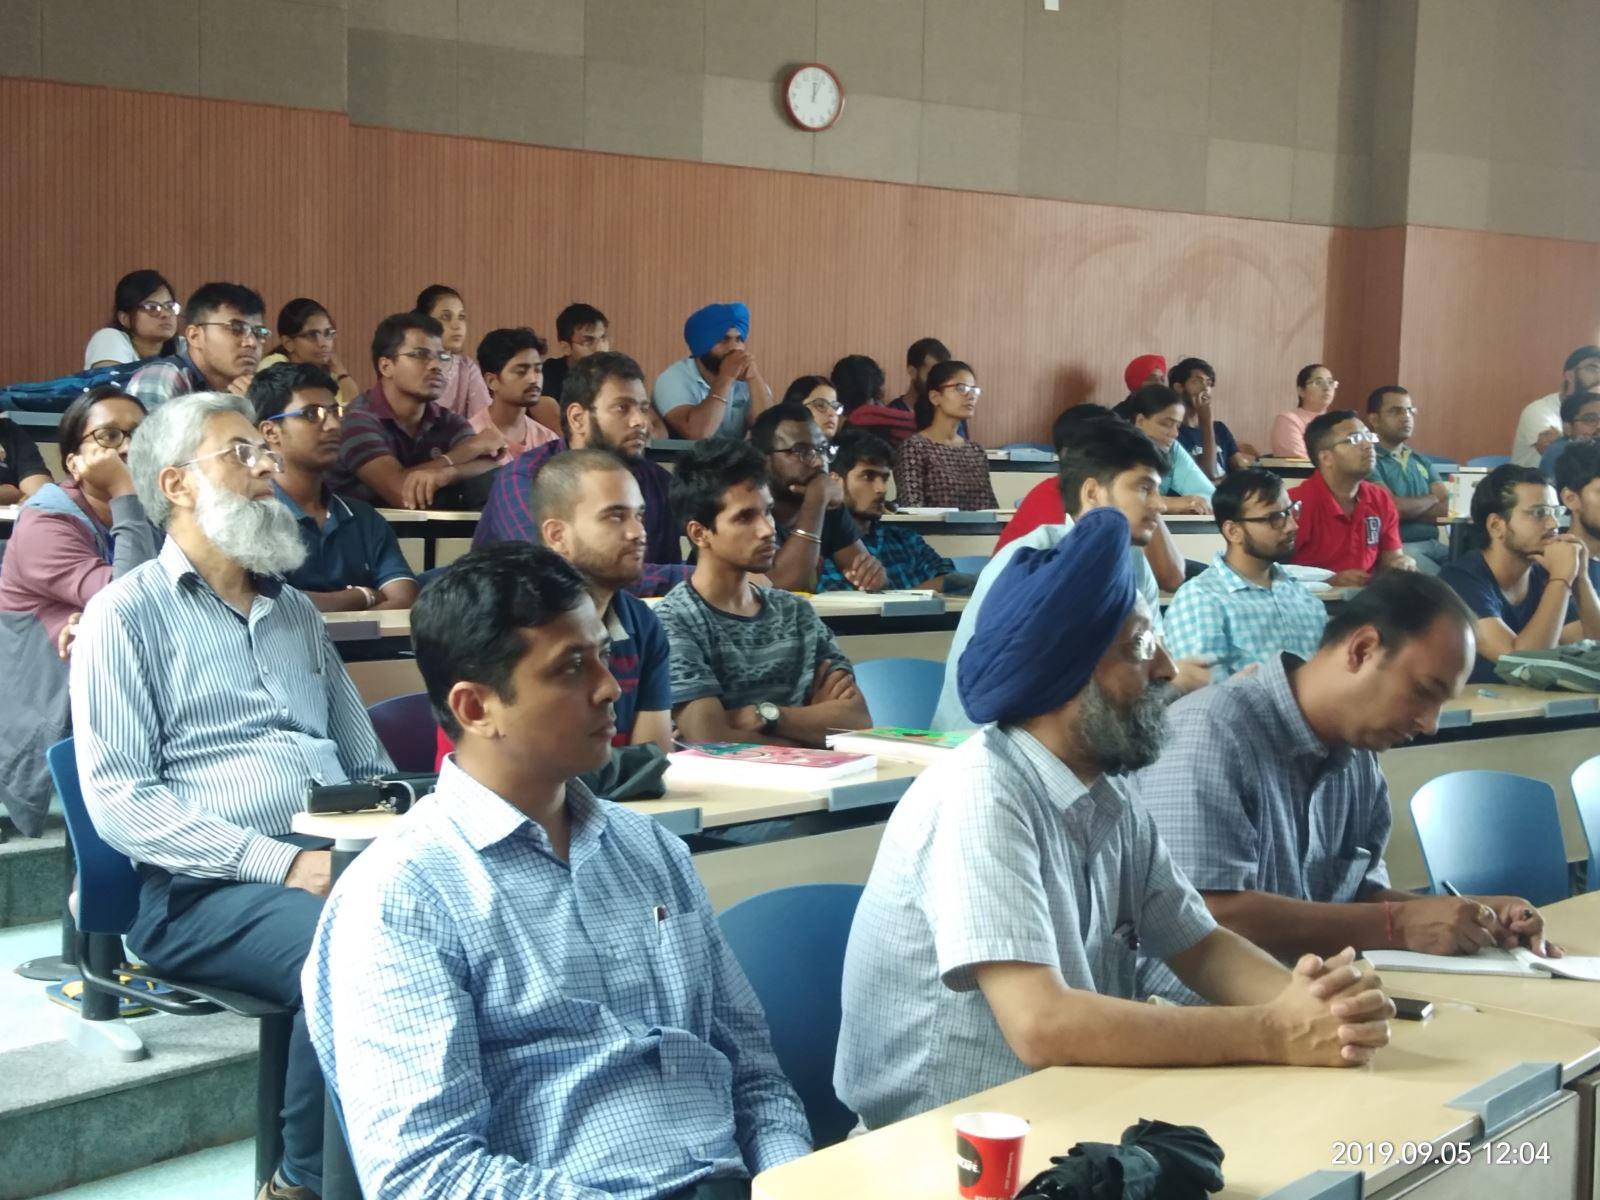 臺印度人工智慧海外科研中心柯仁松教授獲邀於印度理工大學羅巴爾分校進行AI專題演講